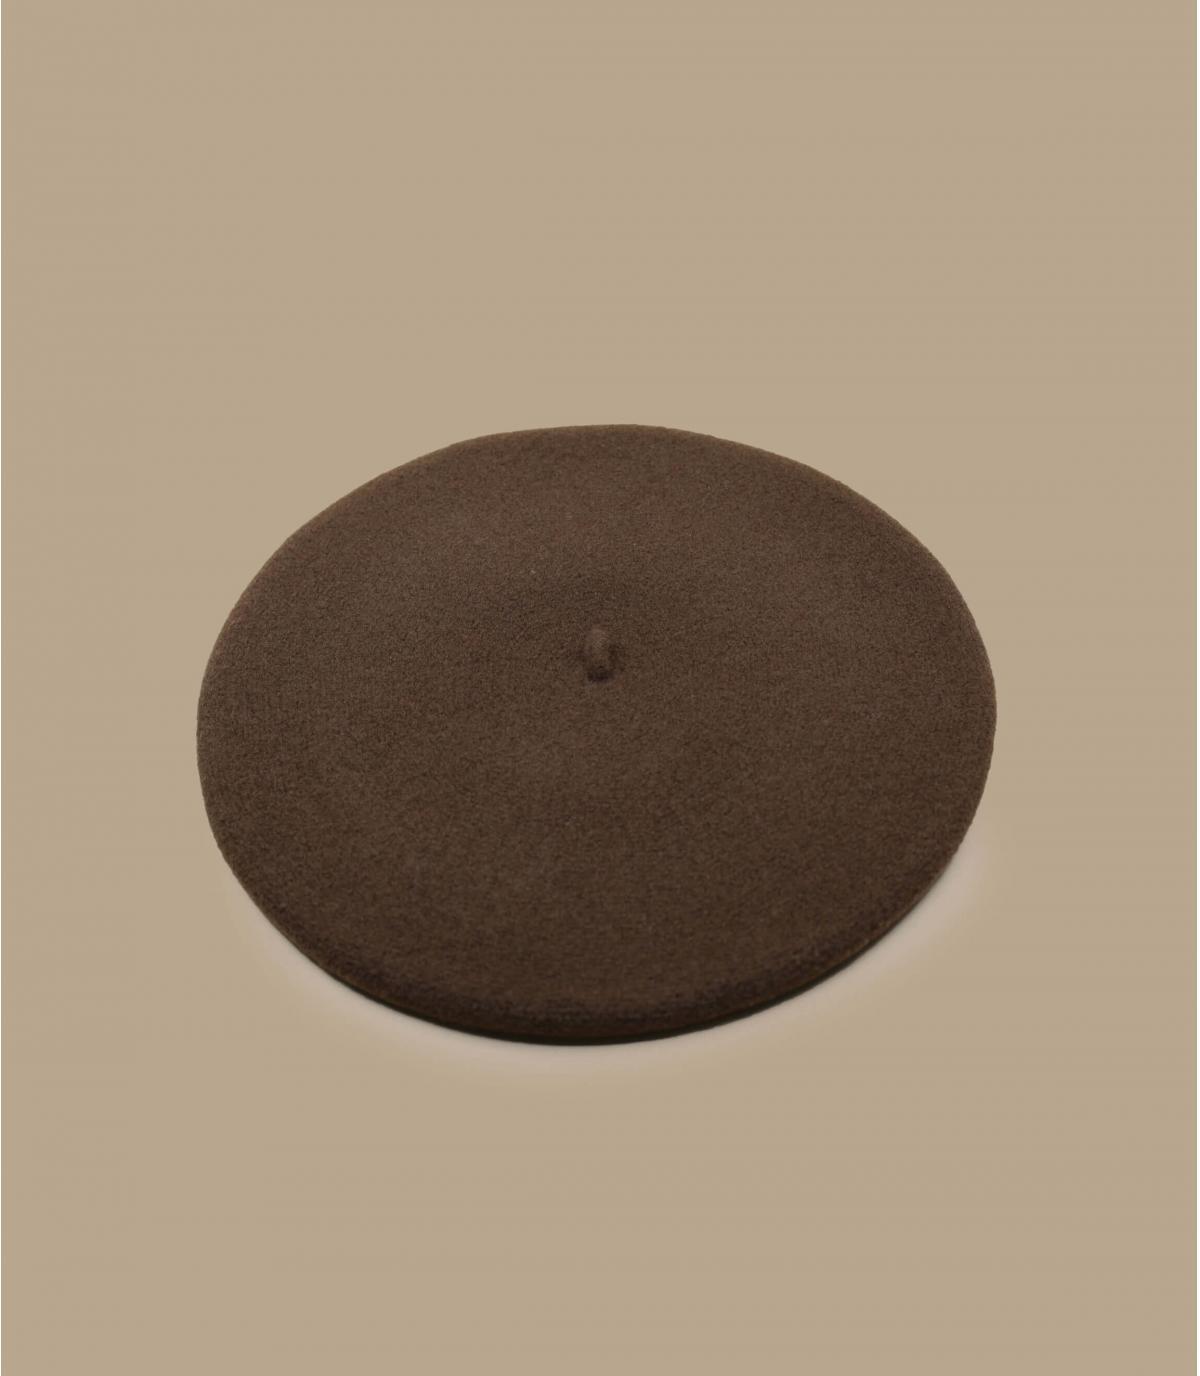 boina marrón Laulhère